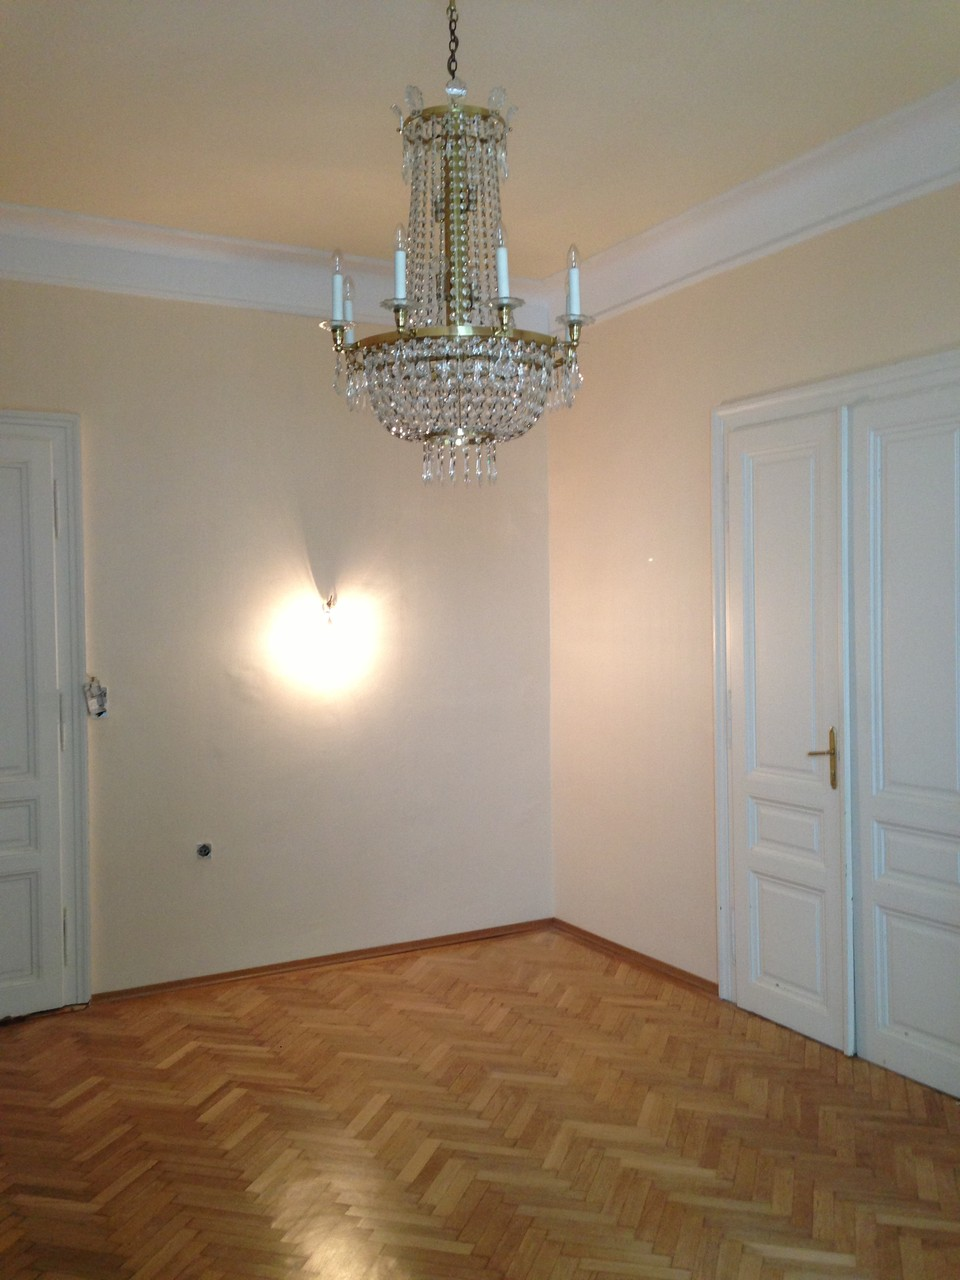 tapezieren decke elegant tapete decke tapezieren sie ihre decke sie wollen ein schlichtes ohne. Black Bedroom Furniture Sets. Home Design Ideas